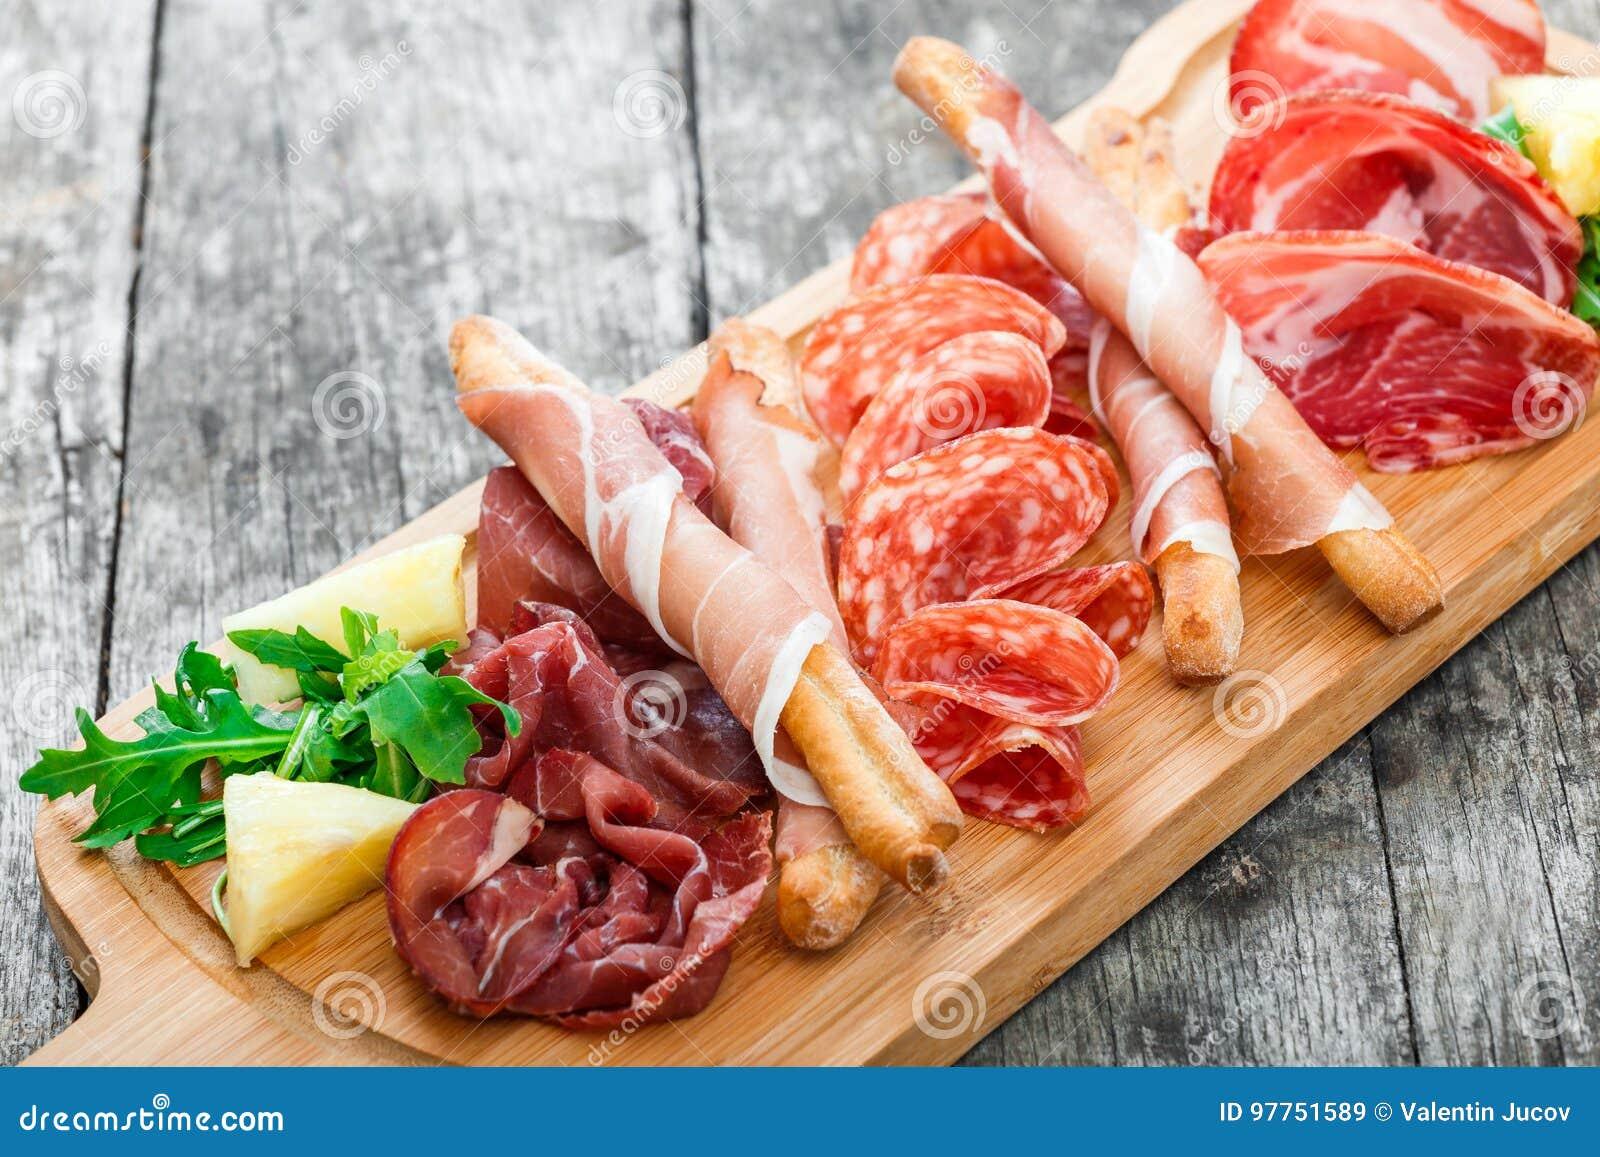 Platte des kalten Fleisches der Antipastoservierplatte mit grissini Brotstöcken, Prosciutto, Scheiben Schinken, Trockenfleisch vo